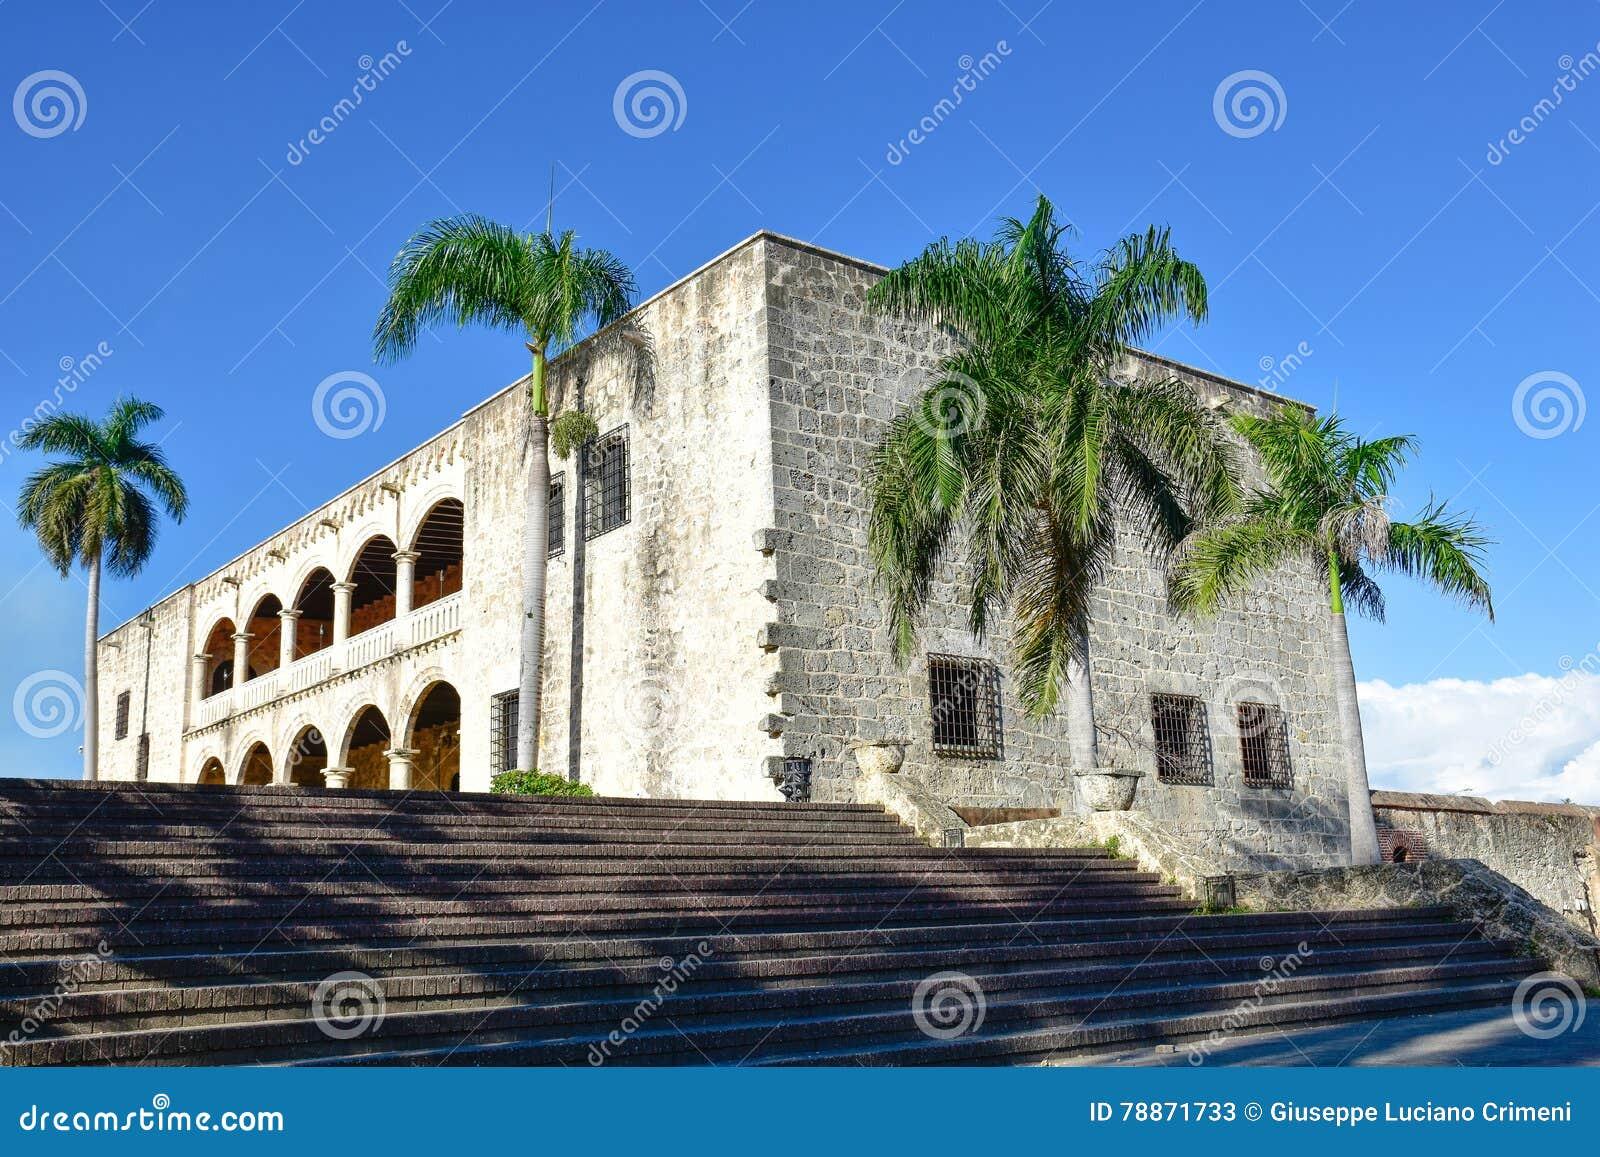 Santo Domingo, Dominican Republic. Alcazar De Colon (Diego